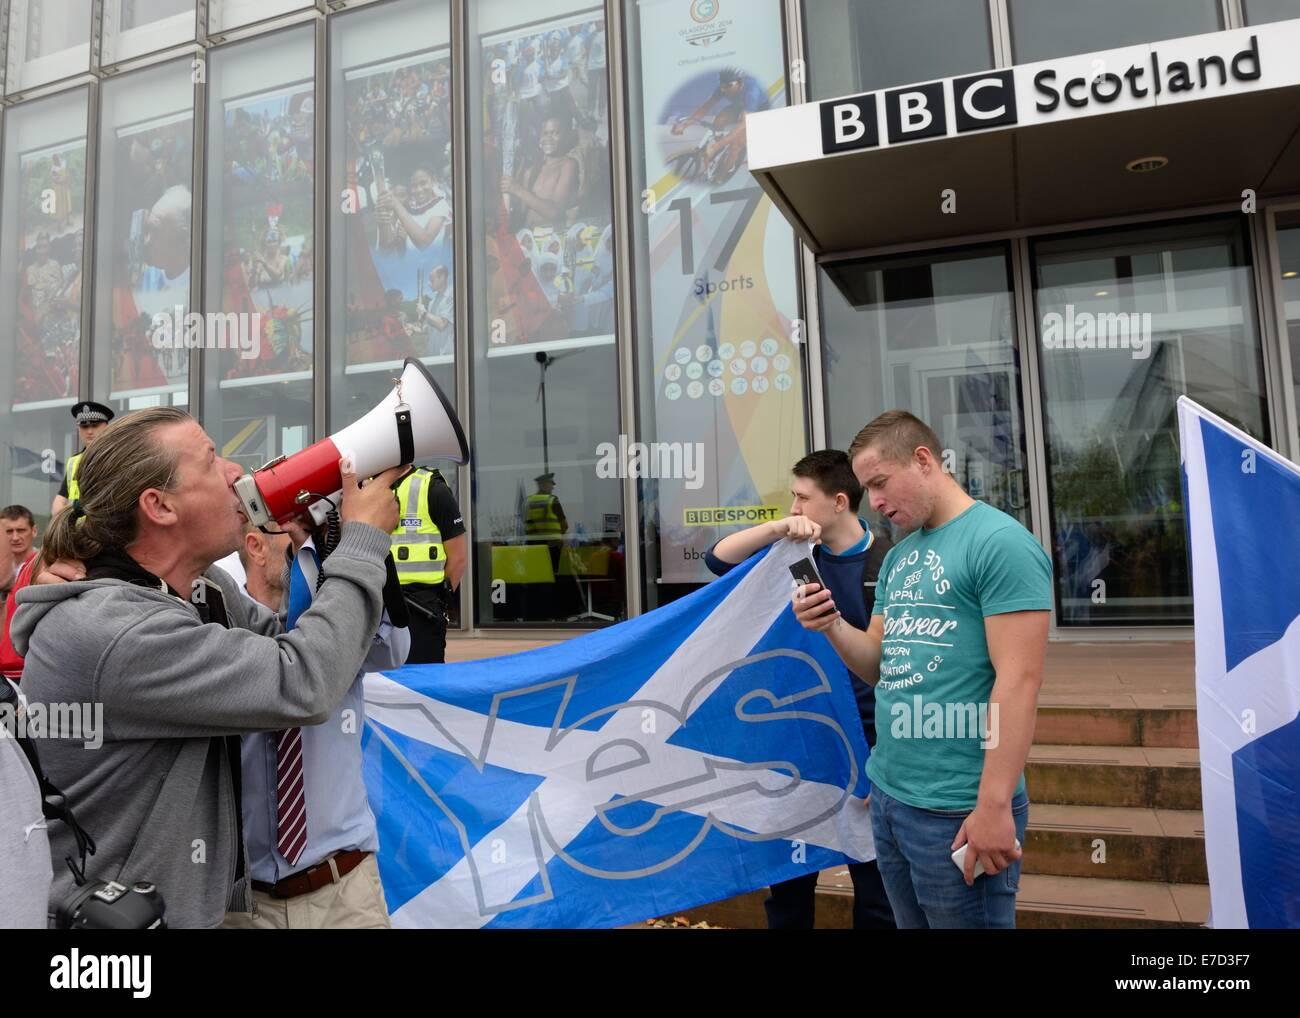 bbc studios glasgow stock photos  u0026 bbc studios glasgow